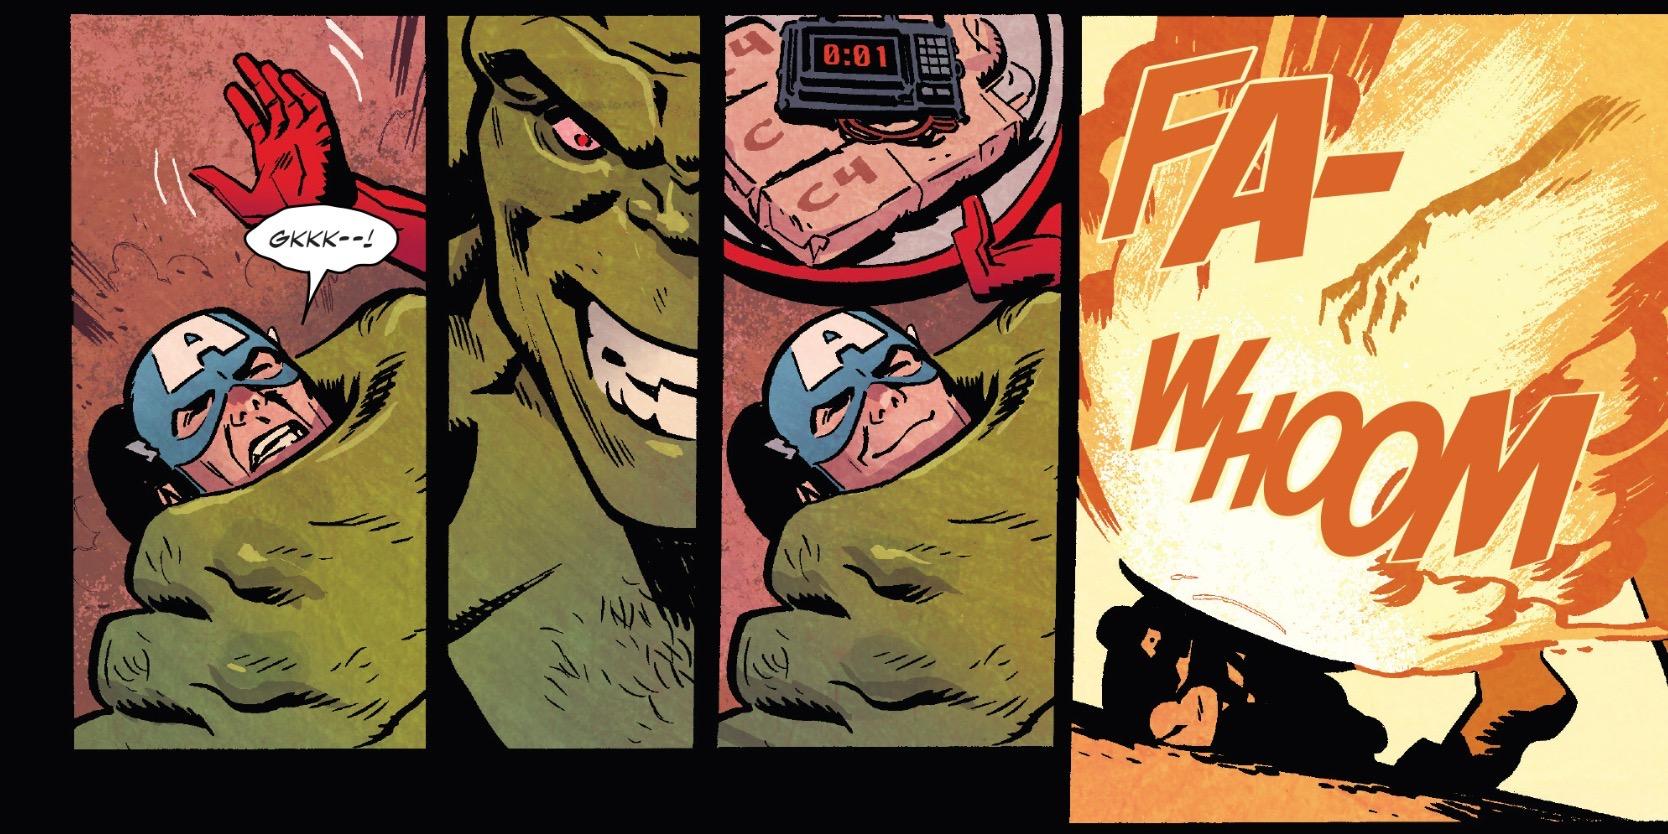 Captain America  #699 by Mark Waid, Chris Samnee, and Matt Wilson